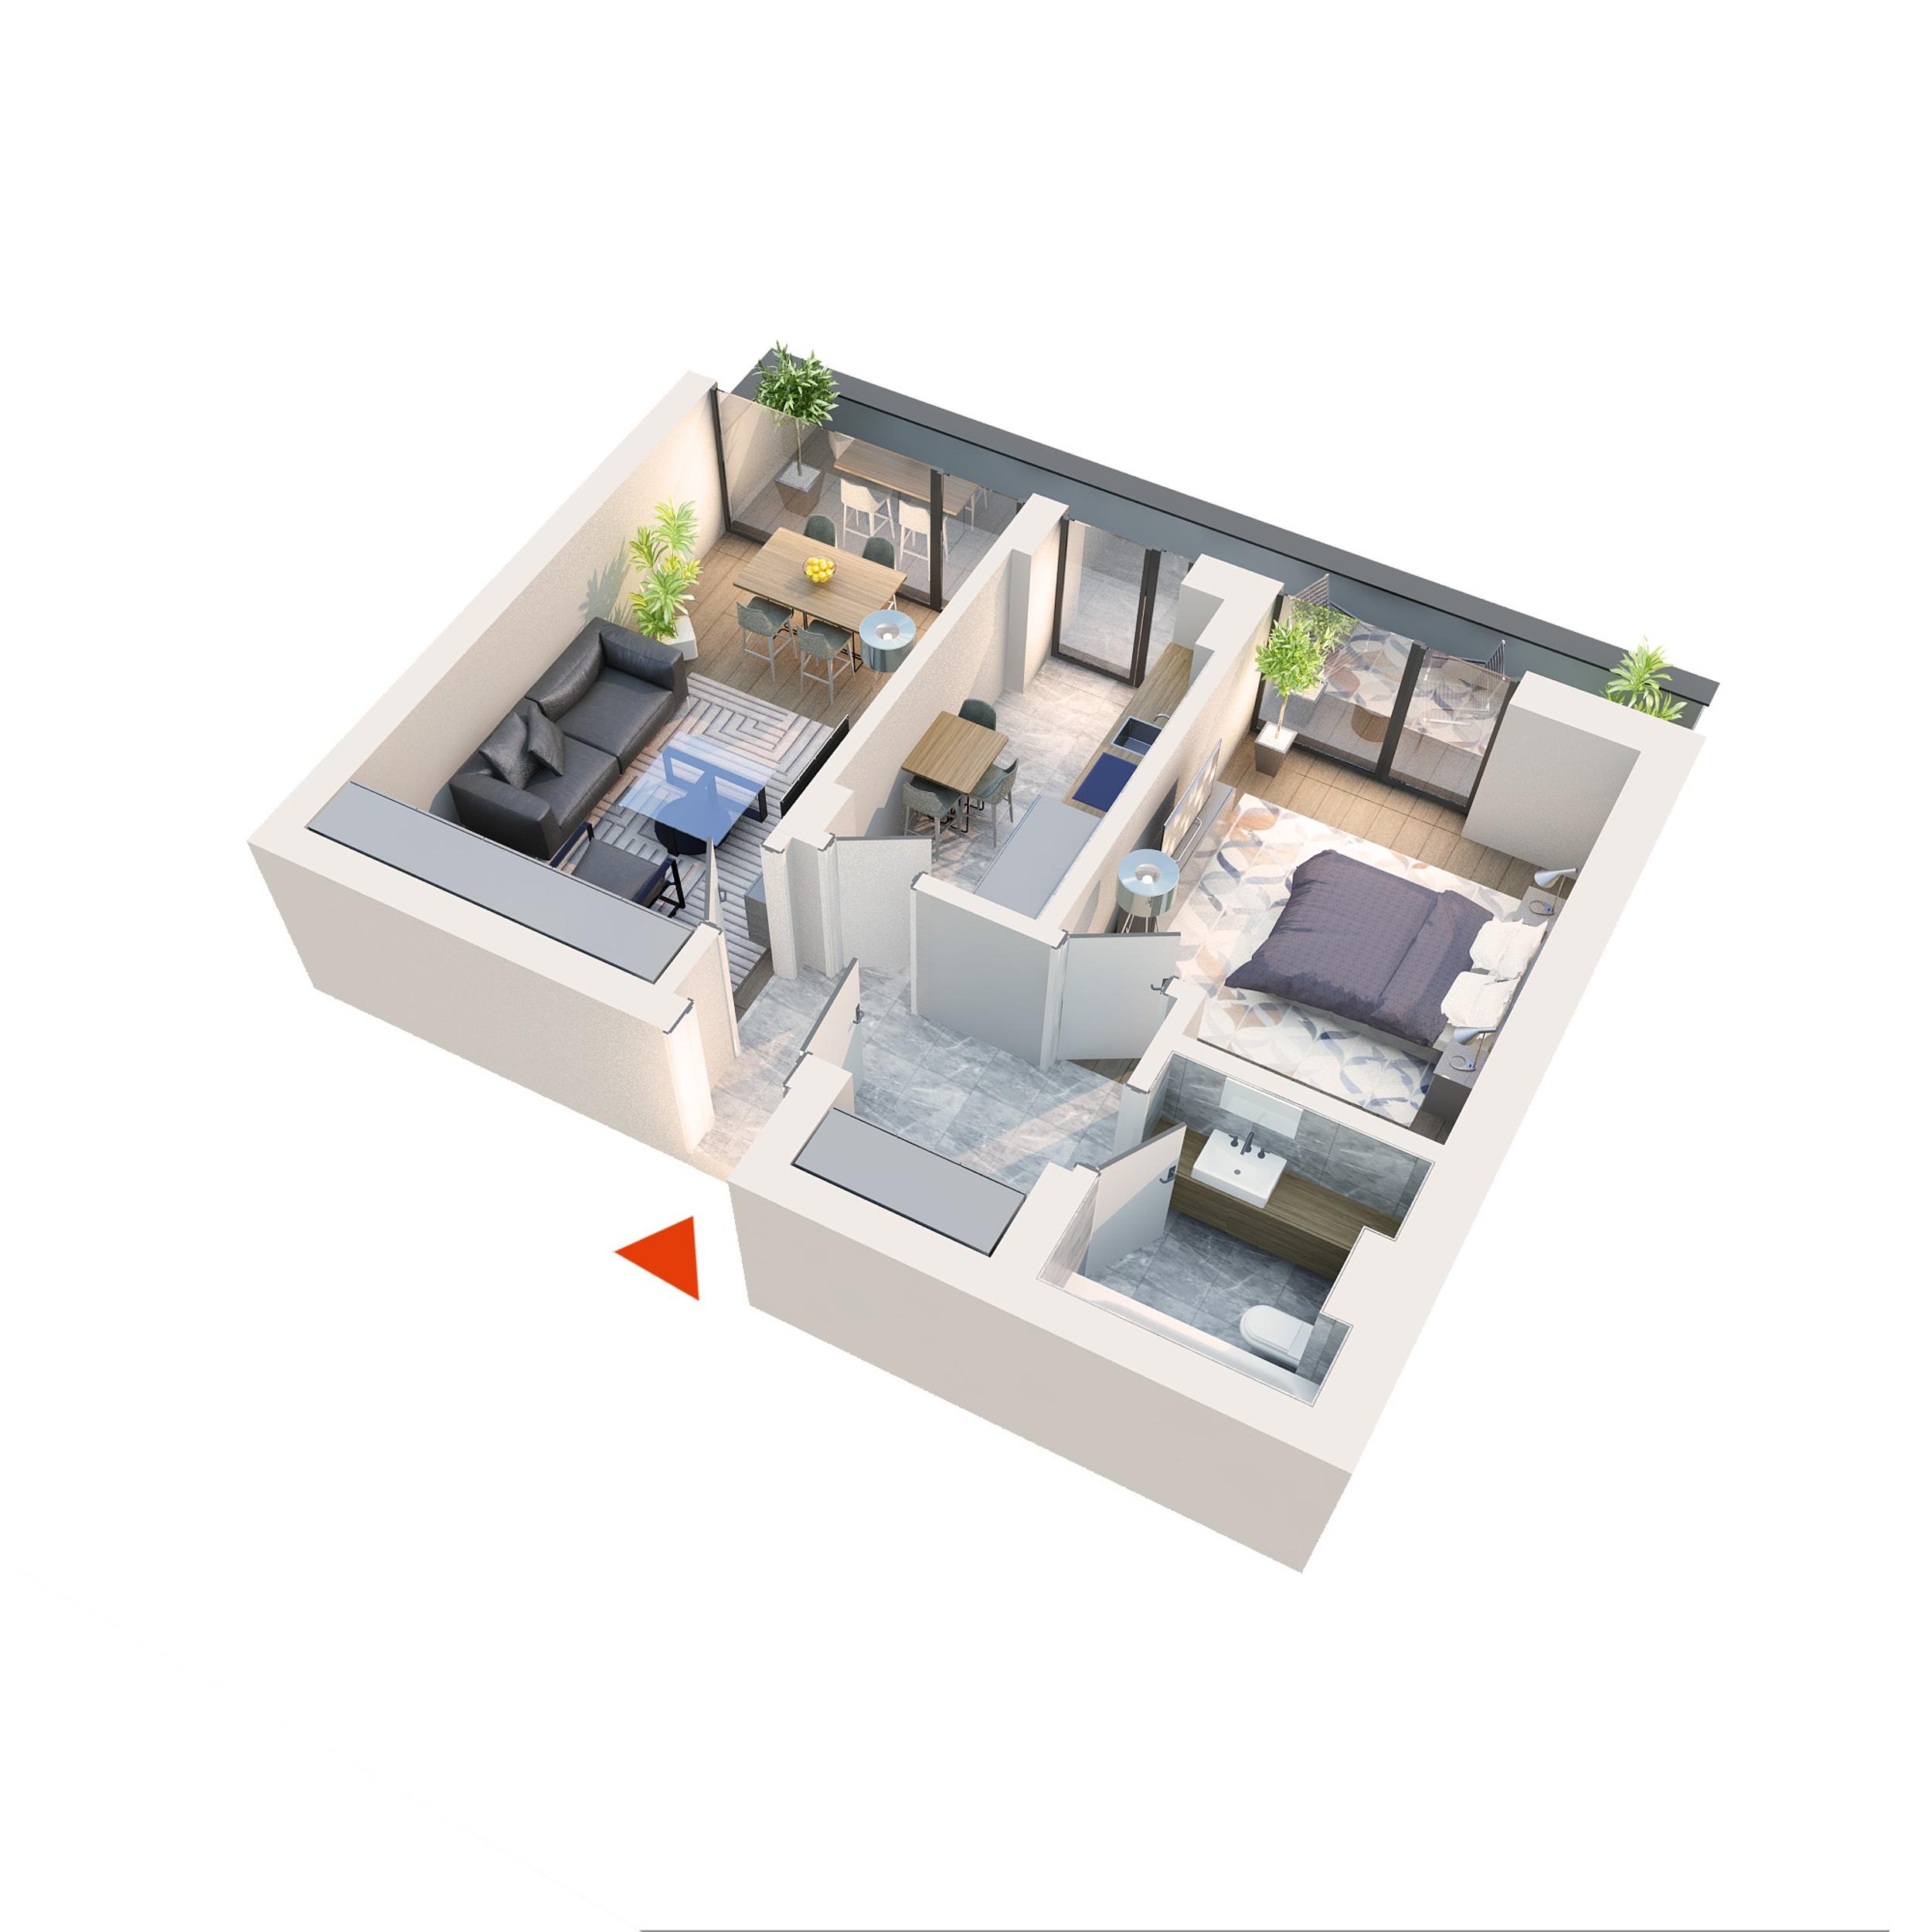 Apartament 2 camere tip 2C3′ Balcon | Etaj 4 | Corp C1-C6 | Faza 2